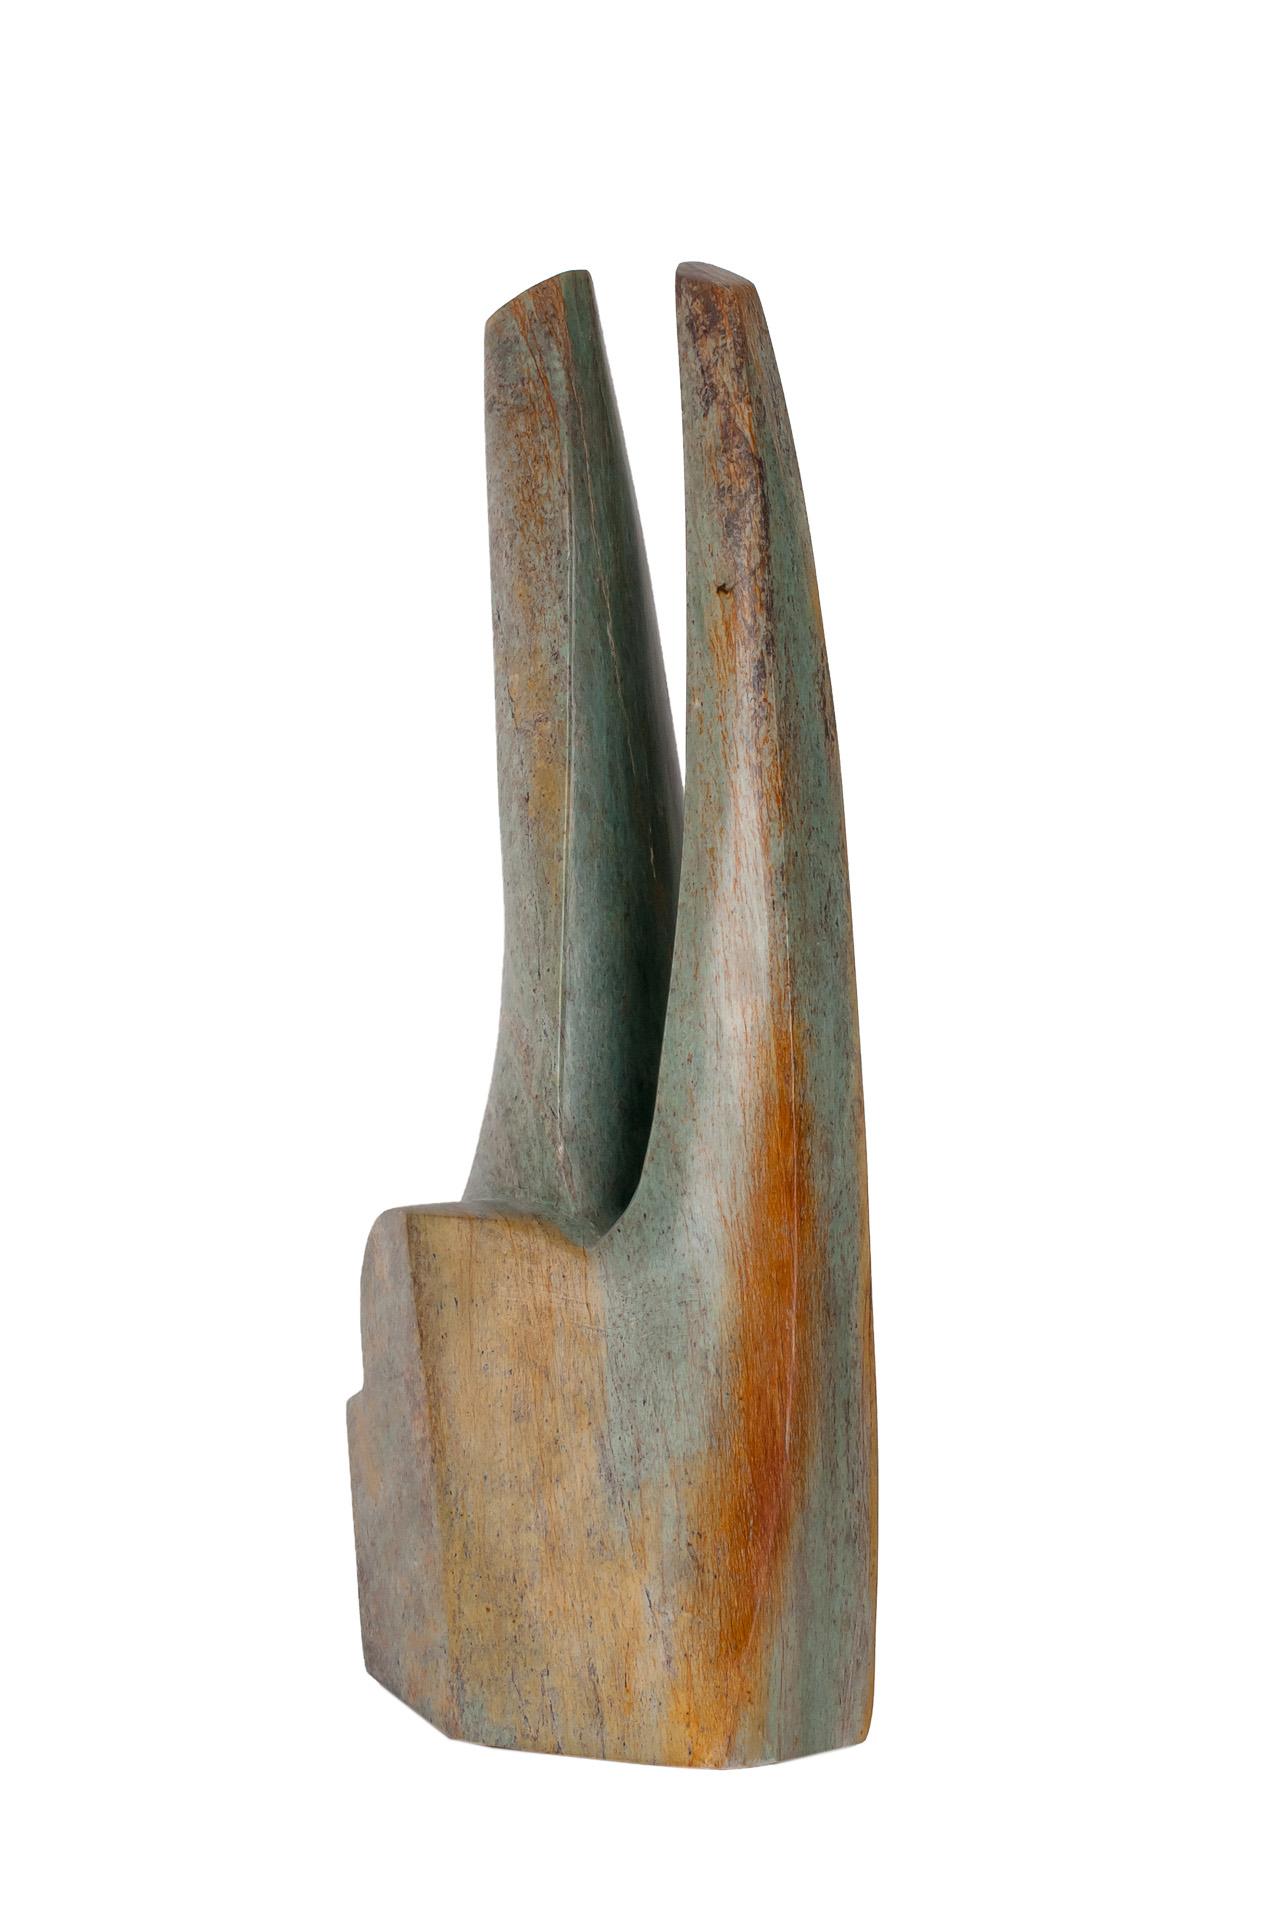 Sculptures by Martin Amerbauer Salzburg, 2011